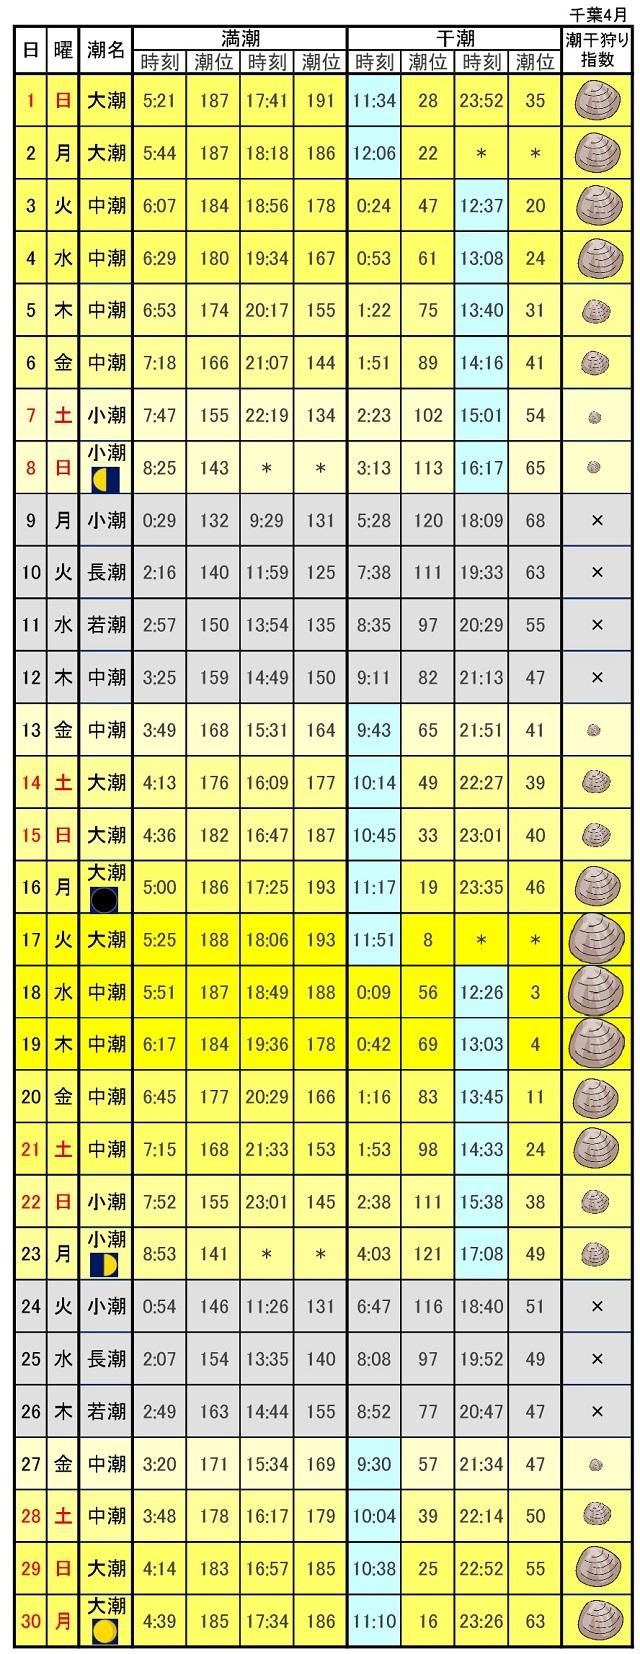 千葉東京湾潮干狩りカレンダー2018年4月